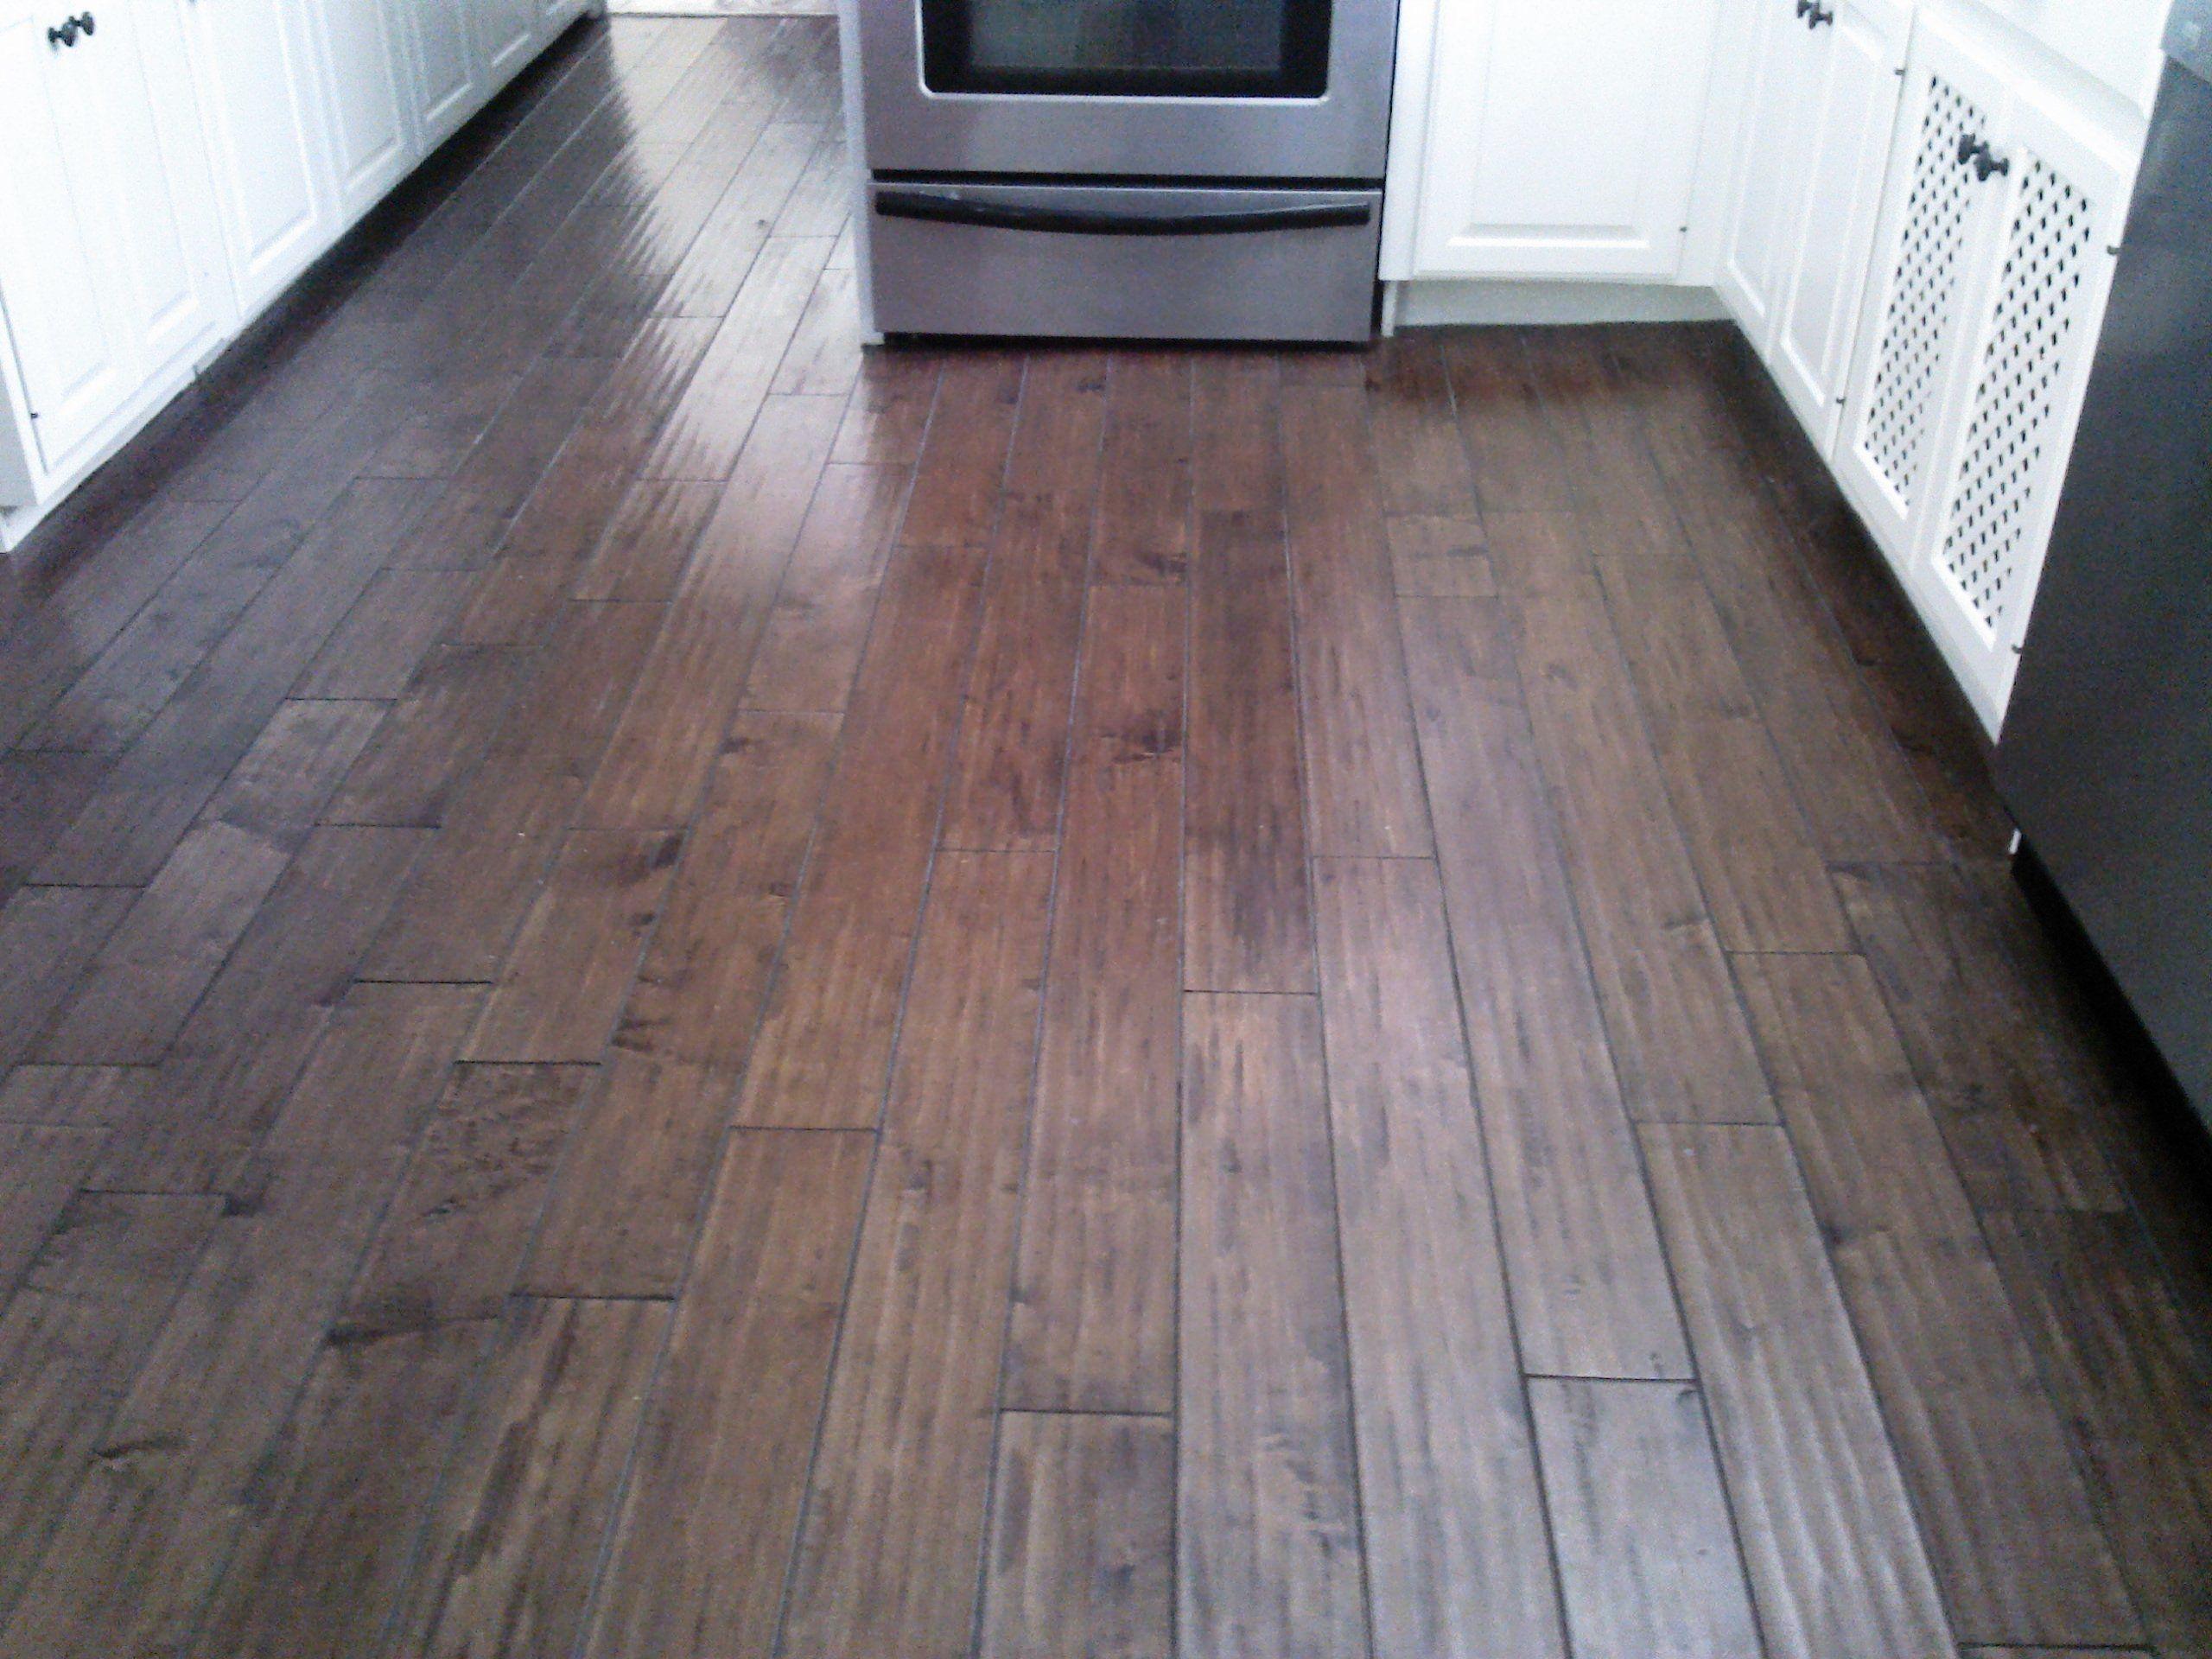 Linoleum Flooring That Looks Like Wood Planks | http ...